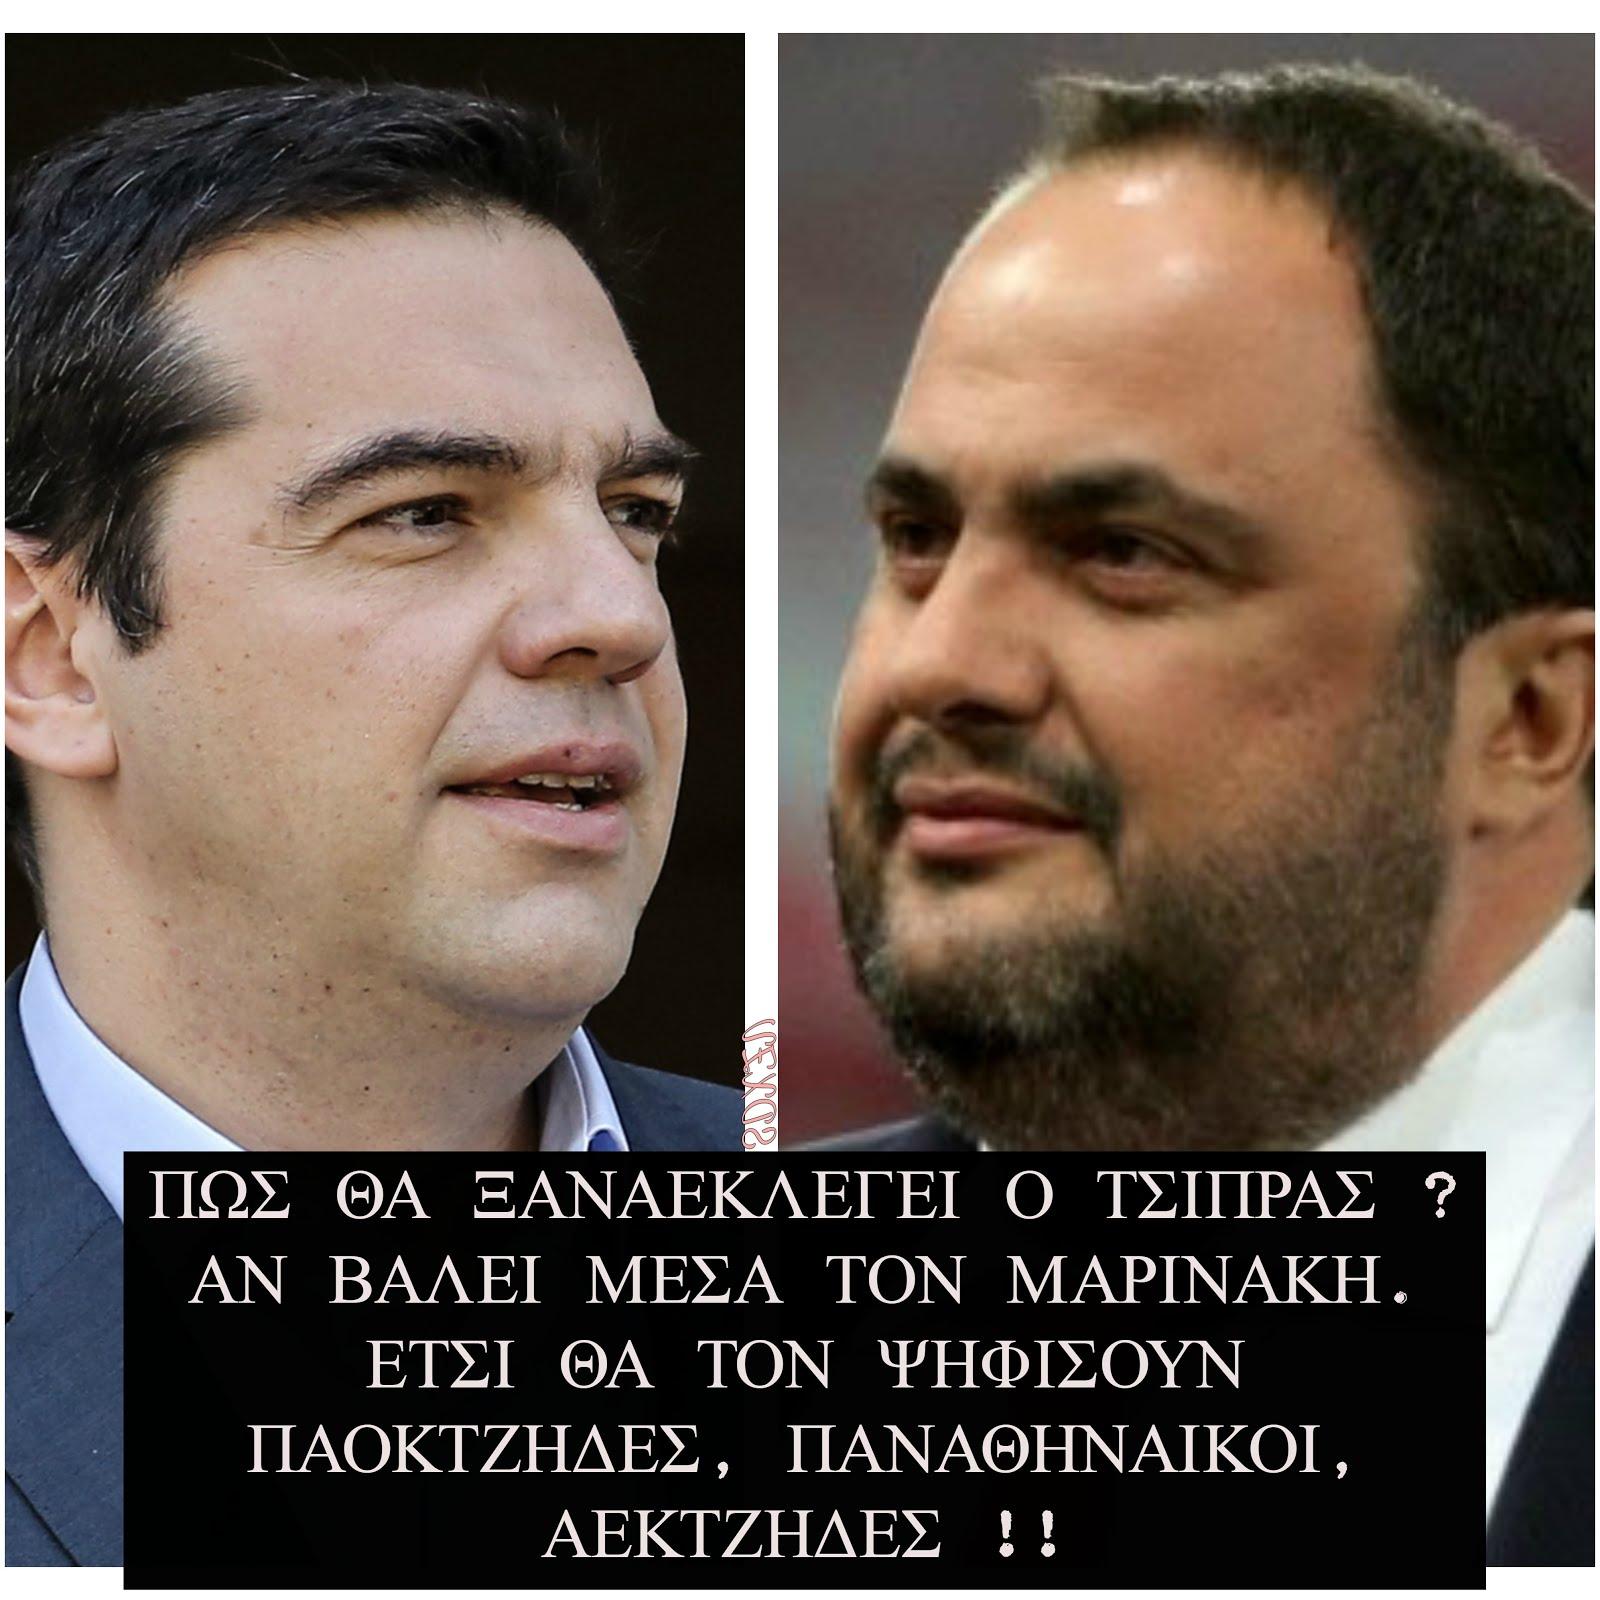 Τσίπρας, ΠΑΟΚ, ΟΣΦΠ, ΠΑΟ, ΑΕΚ